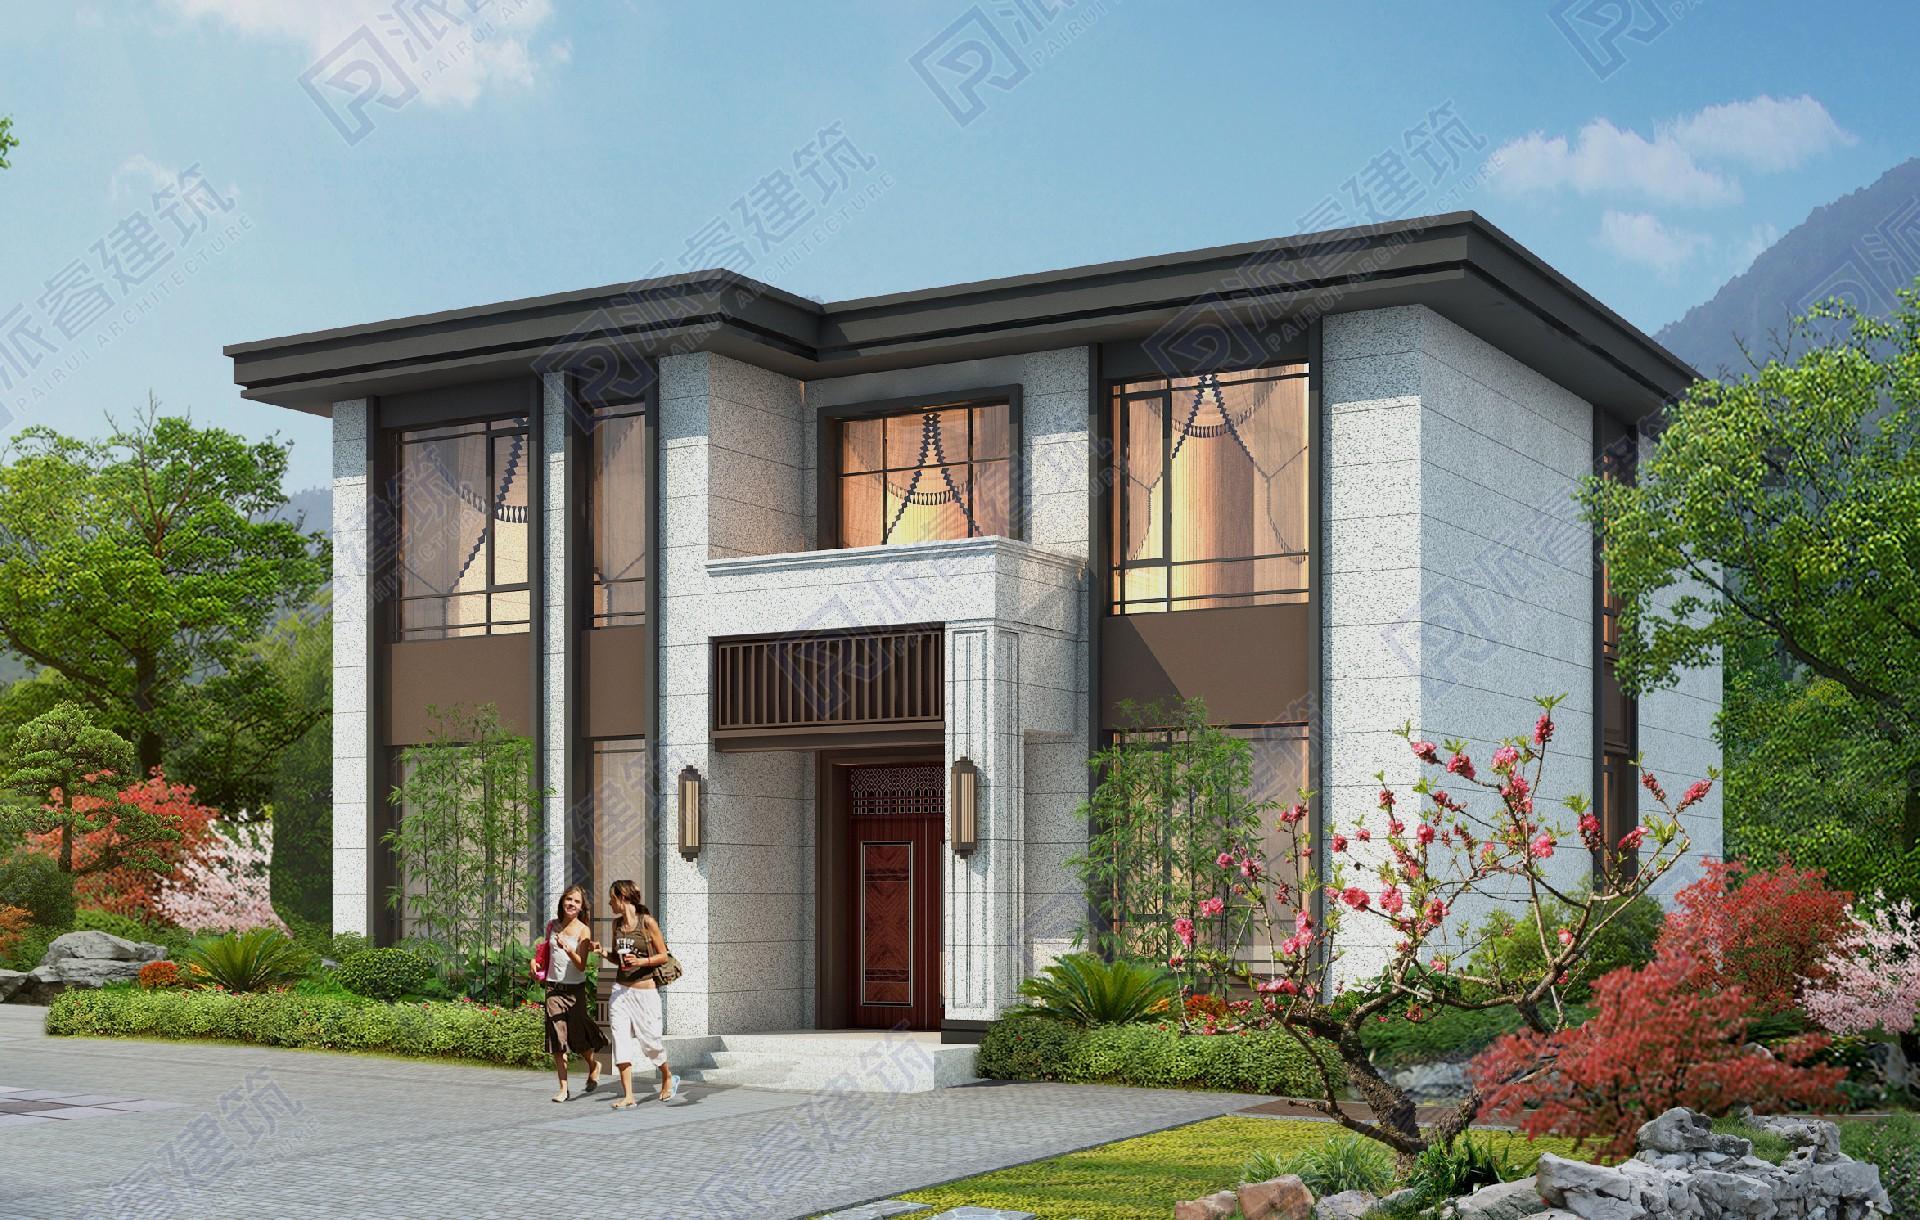 140平农村自建房设计图二层,开间12米进深12米平顶复式小别墅效果图,稳重大气-PR560